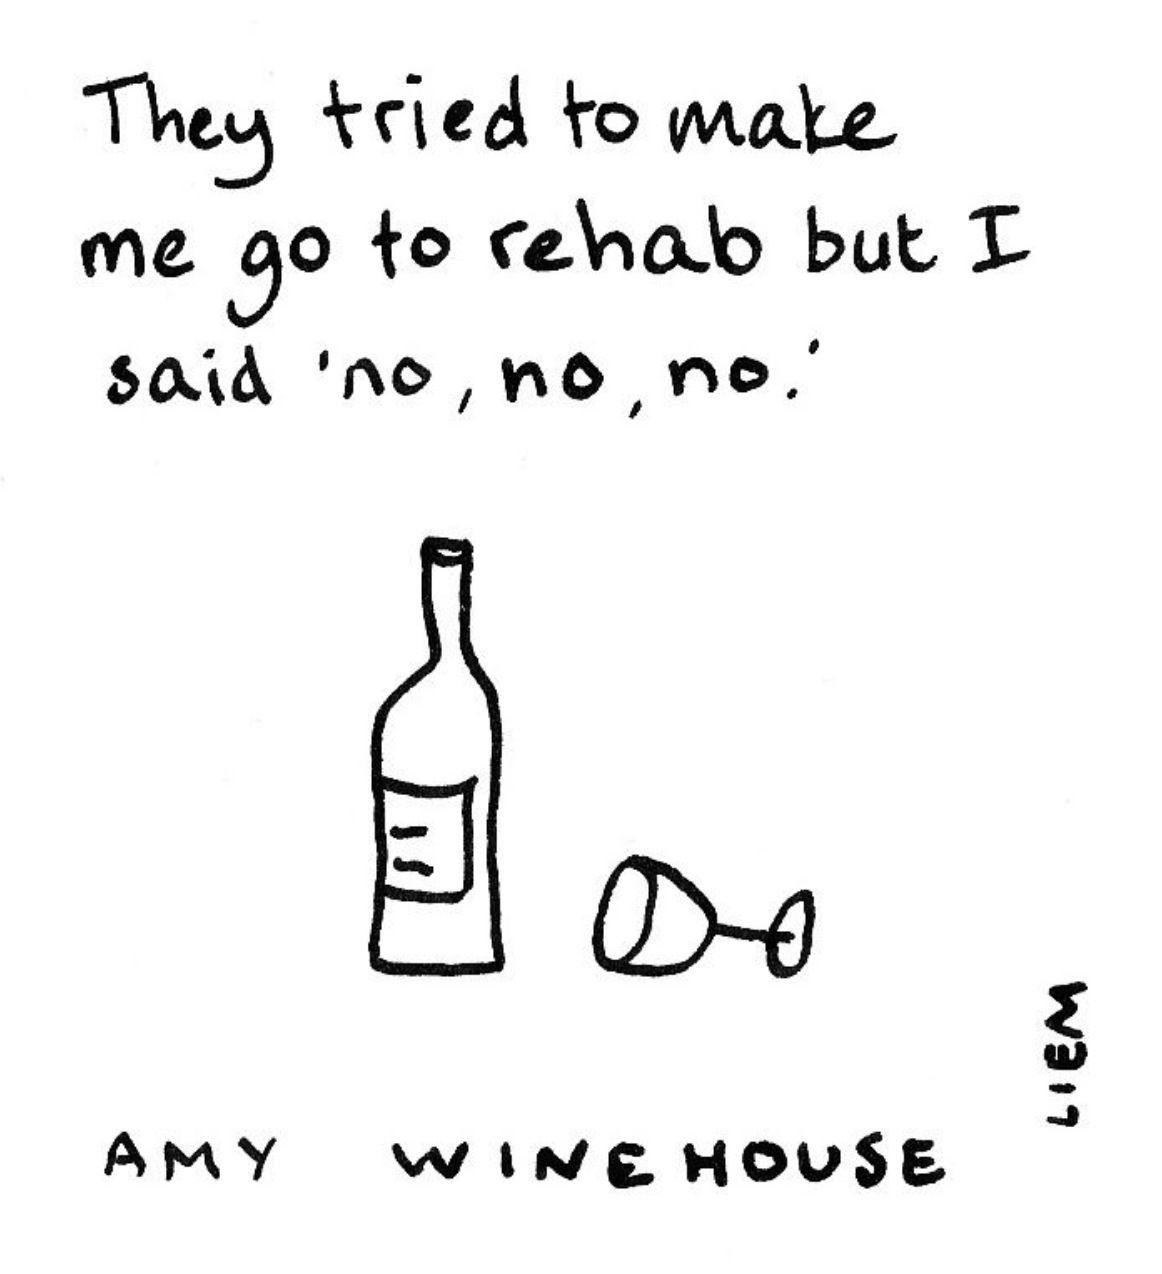 Amy Winehouse Rehab Amy Winehouse Lyrics Amy Winehouse Quotes